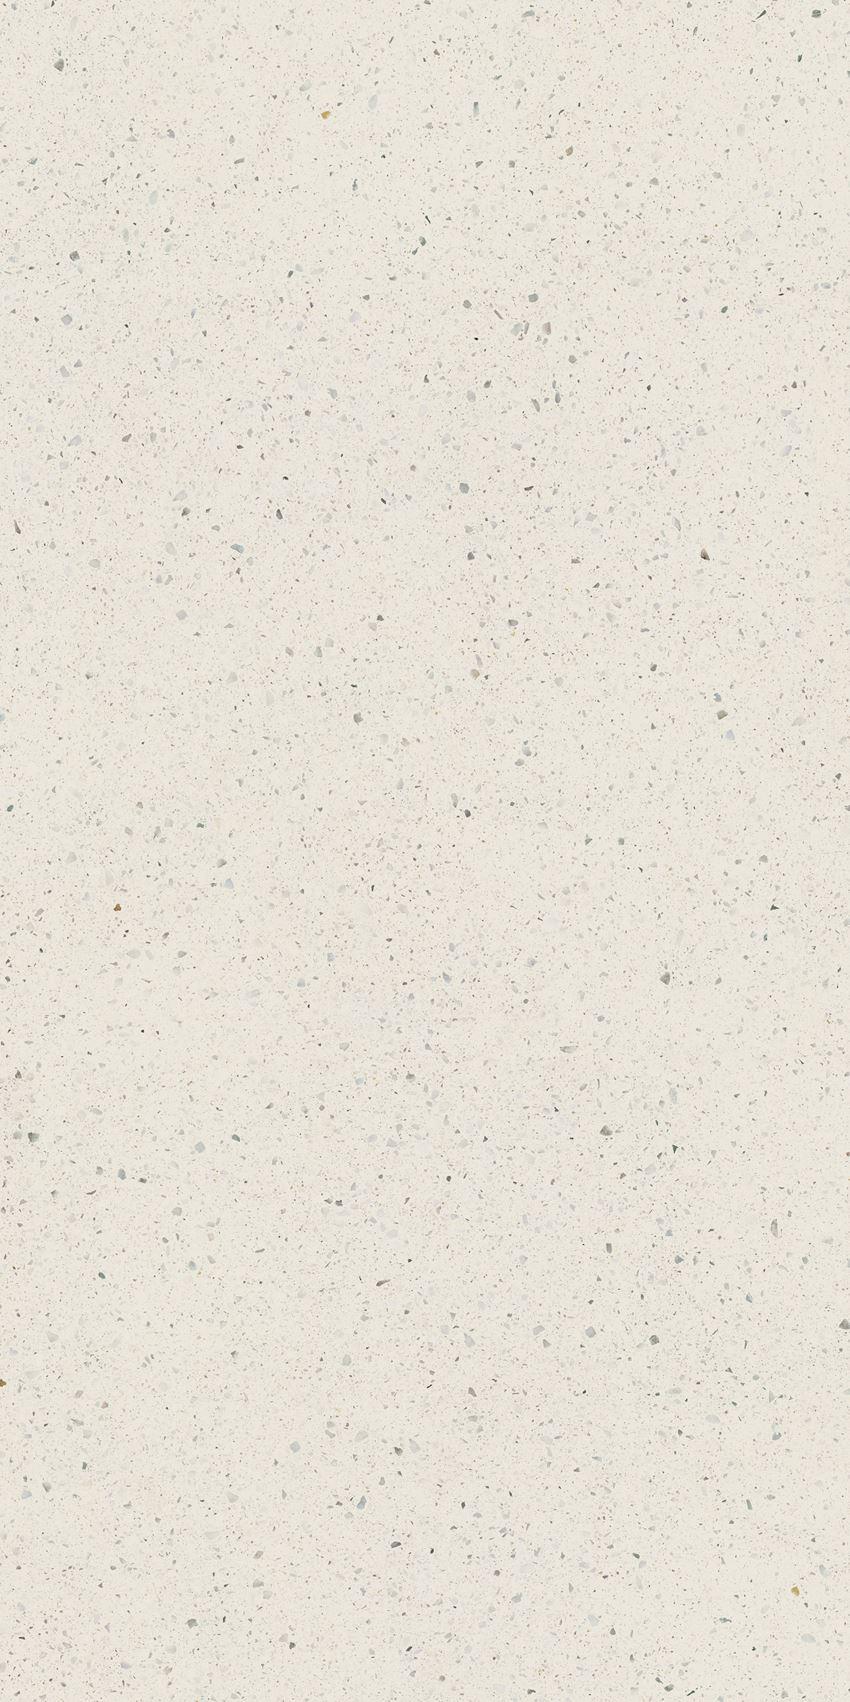 Płytka ścienno-podłogowa 59,8x119,8 cm Paradyż Moondust Bianco Półpoler